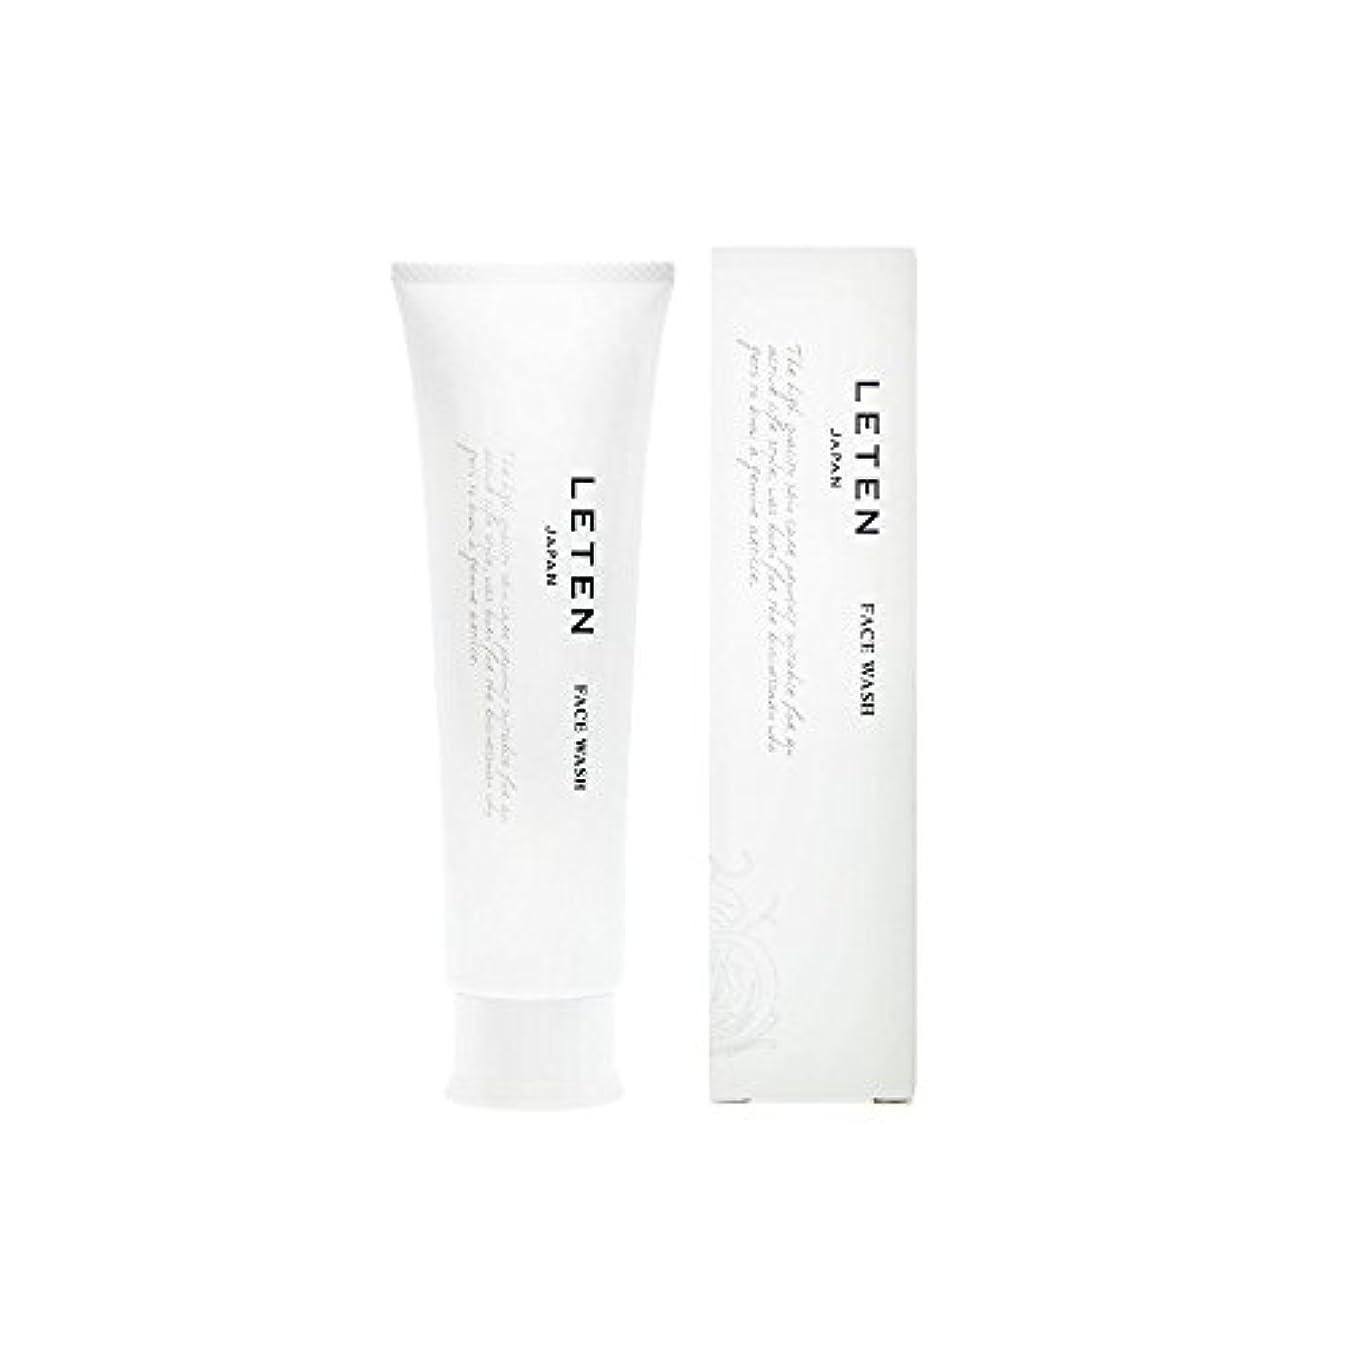 であるリビジョンループレテン (LETEN) フェイスウォッシュ 100g 洗顔フォーム 洗顔料 敏感肌